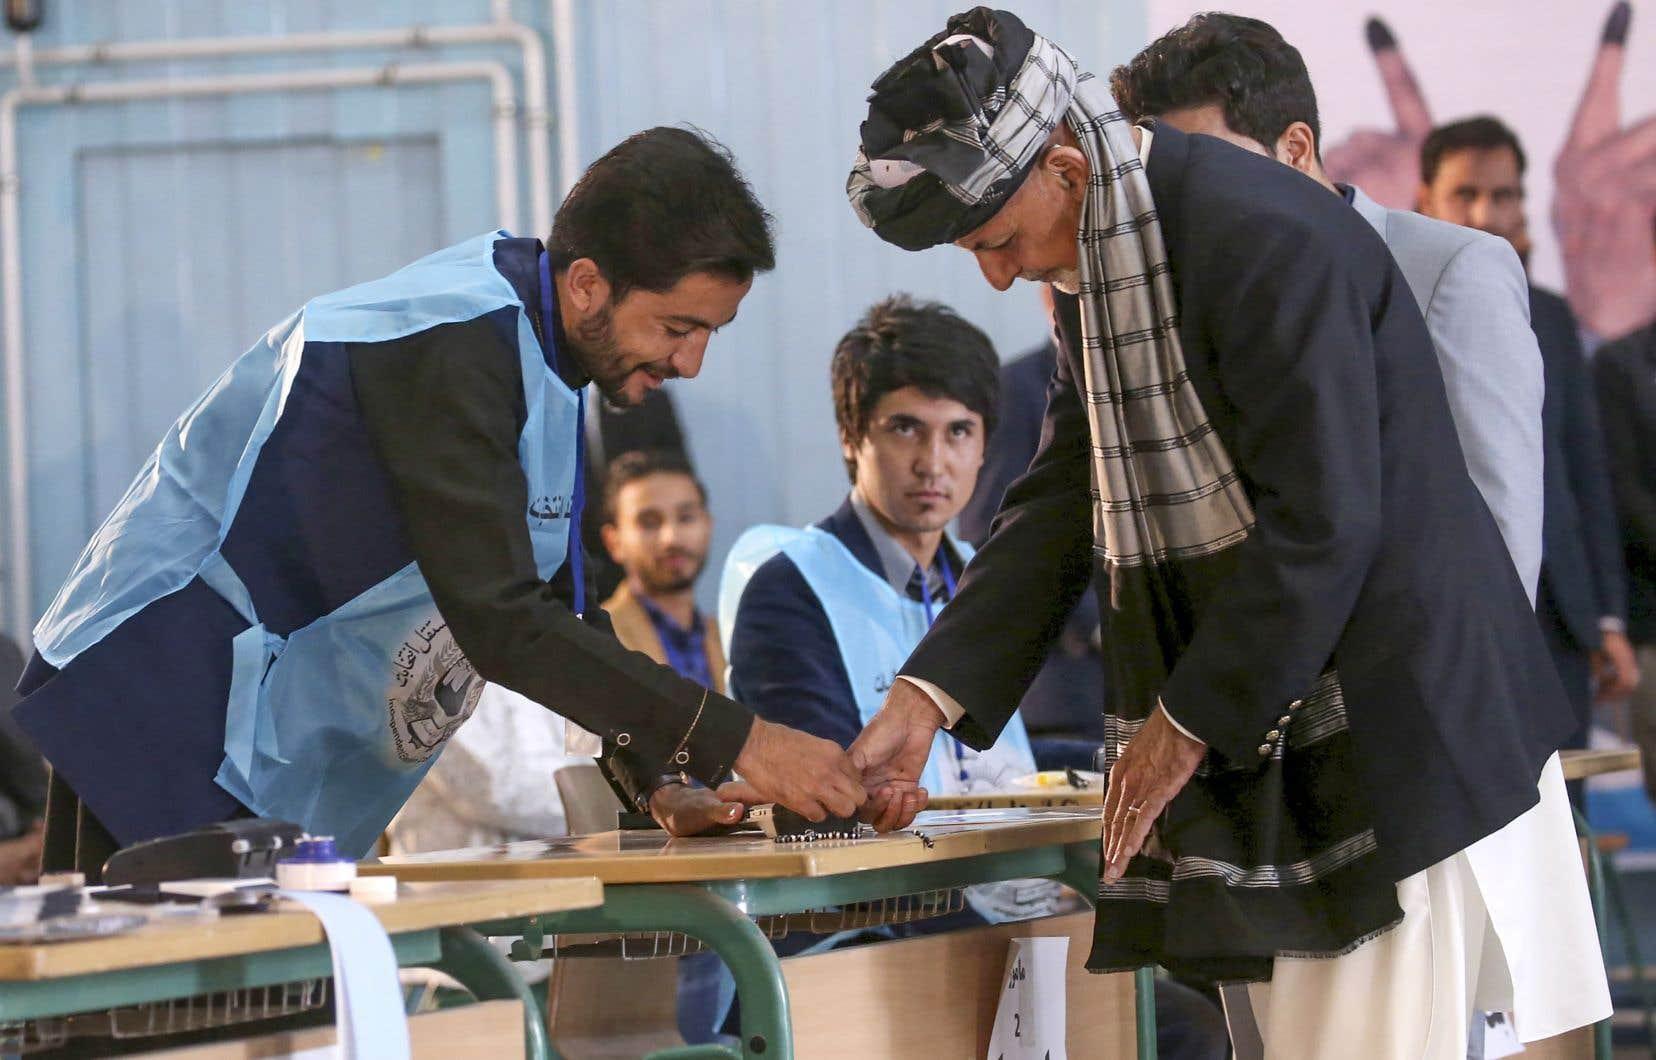 L'élection devait être la plus propre jamais organisée dans la jeune démocratie afghane, une entreprise allemande ayant fourni des machines biométriques pour empêcher les gens de voter plus d'une fois.